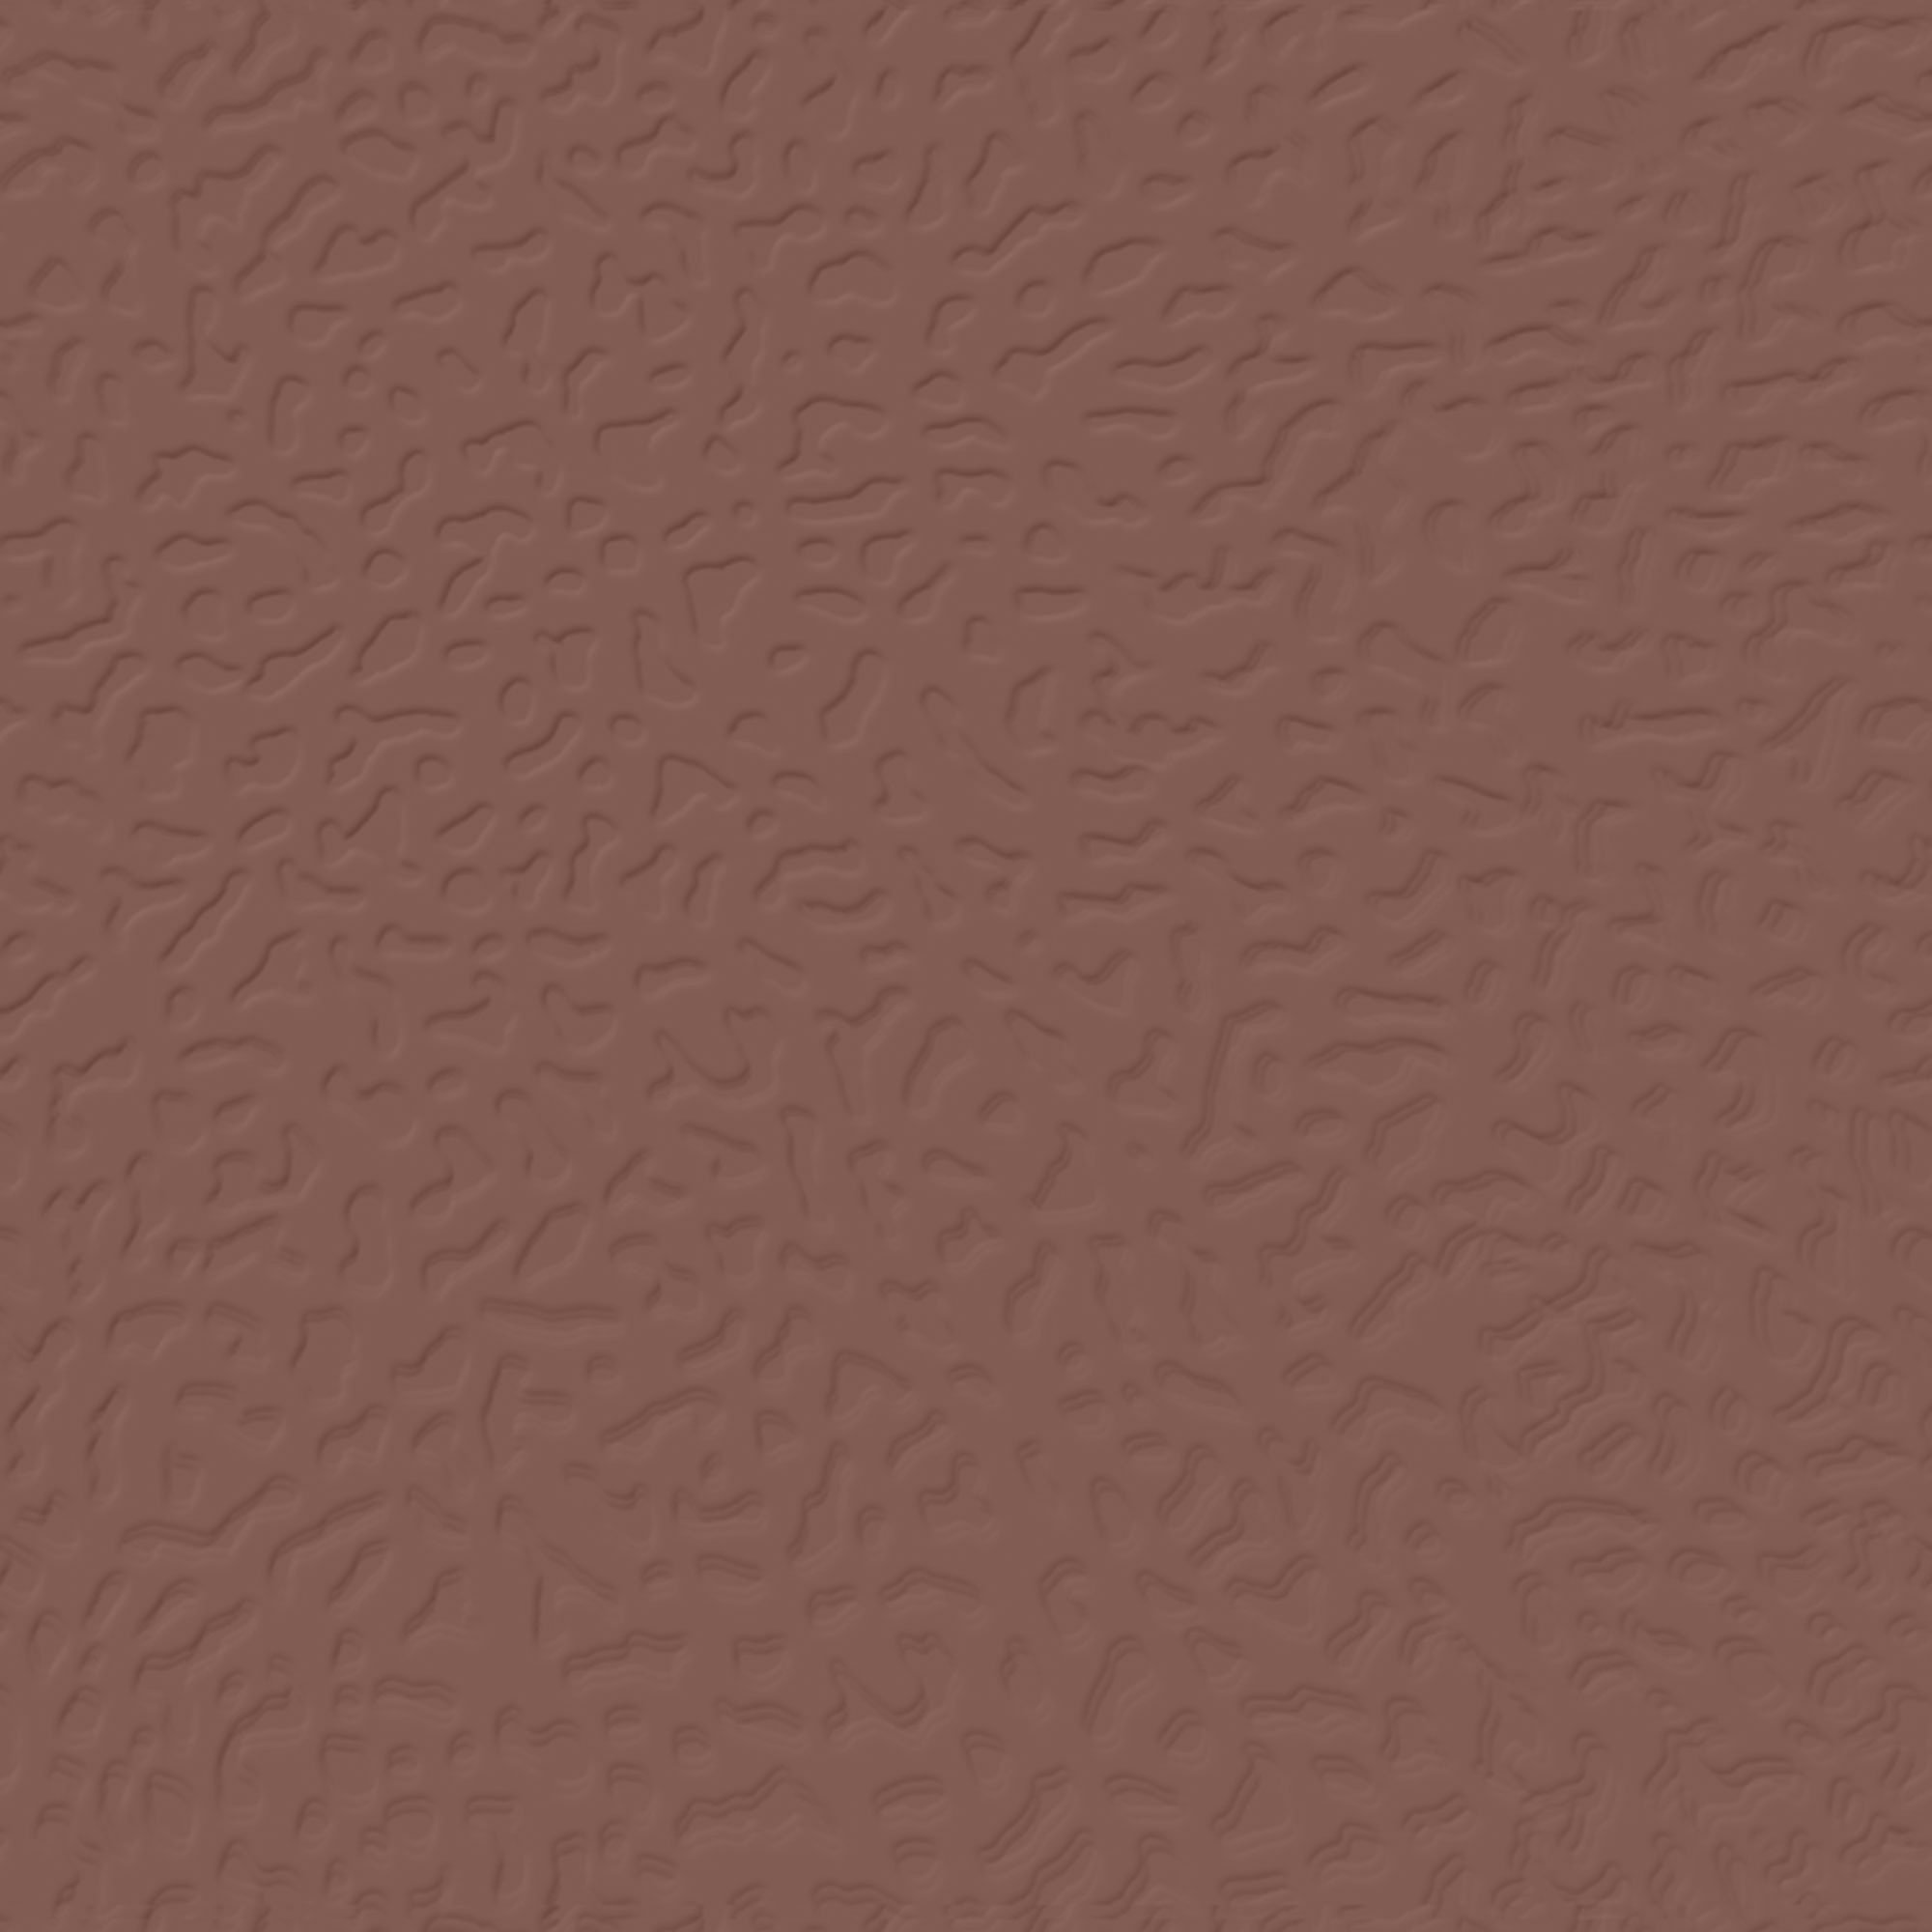 Roppe Rubber Tile 900 - Hammered Design (995) Brick Rubber Flooring